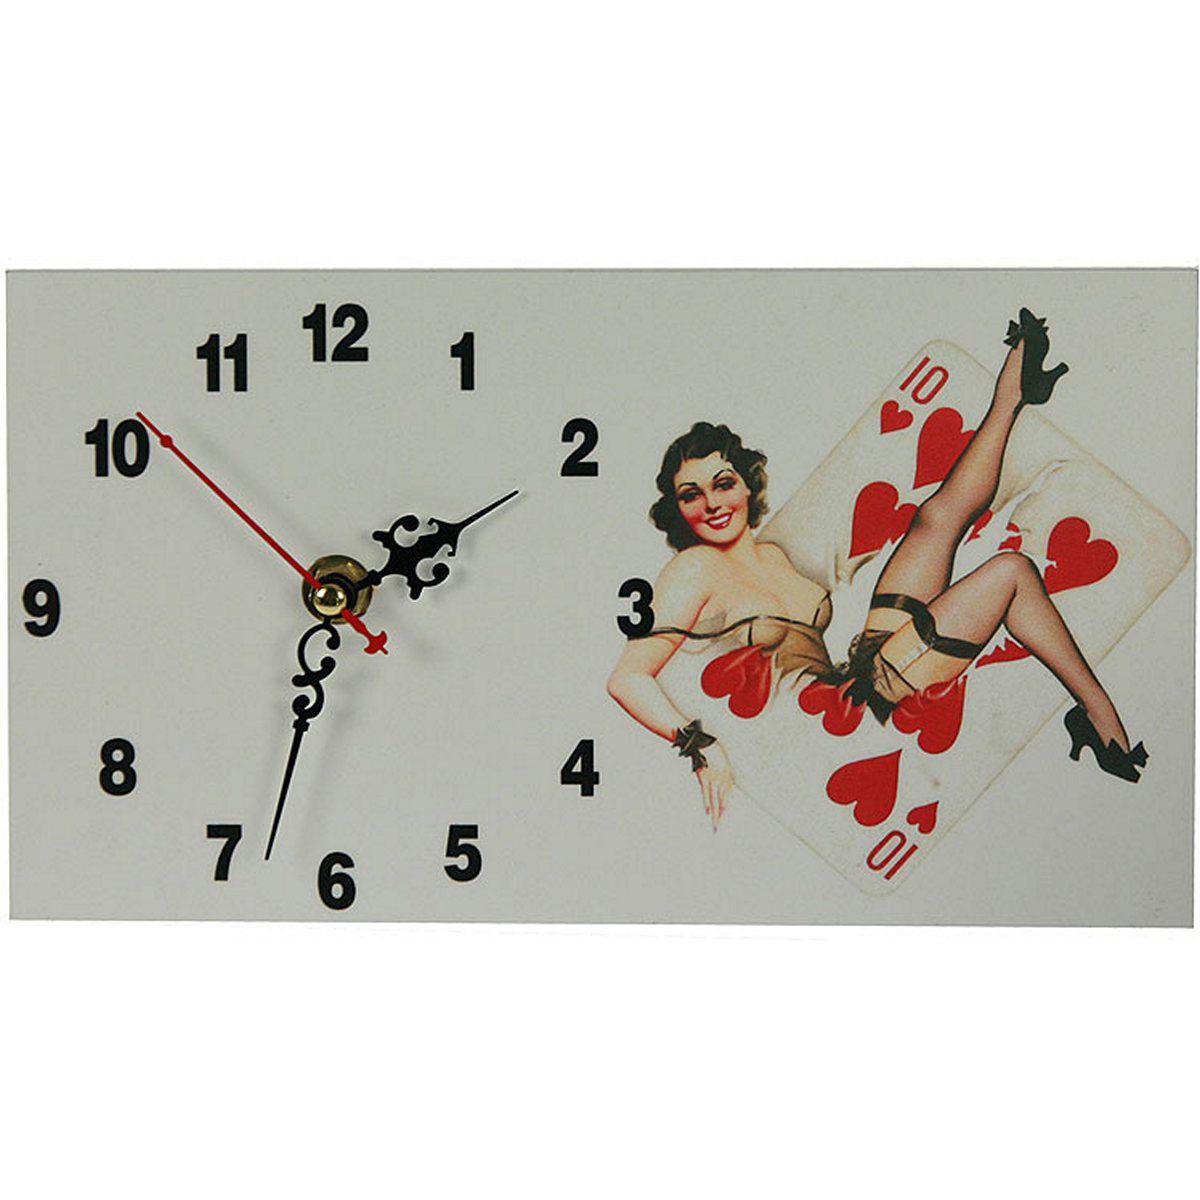 Часы настольные Русские Подарки Пин-ап, 13 х 23 см. 3823237385Настольные кварцевые часы Русские Подарки Пин-ап изготовлены из МДФ. Изделие оригинально оформлено изображением девушки в стиле Пин-ап. Часы имеют три стрелки - часовую, минутную и секундную.Такие часы украсят интерьер дома или рабочий стол в офисе. Также часы могут стать уникальным, полезным подарком для родственников, коллег, знакомых и близких.Часы работают от батареек типа АА (в комплект не входят).